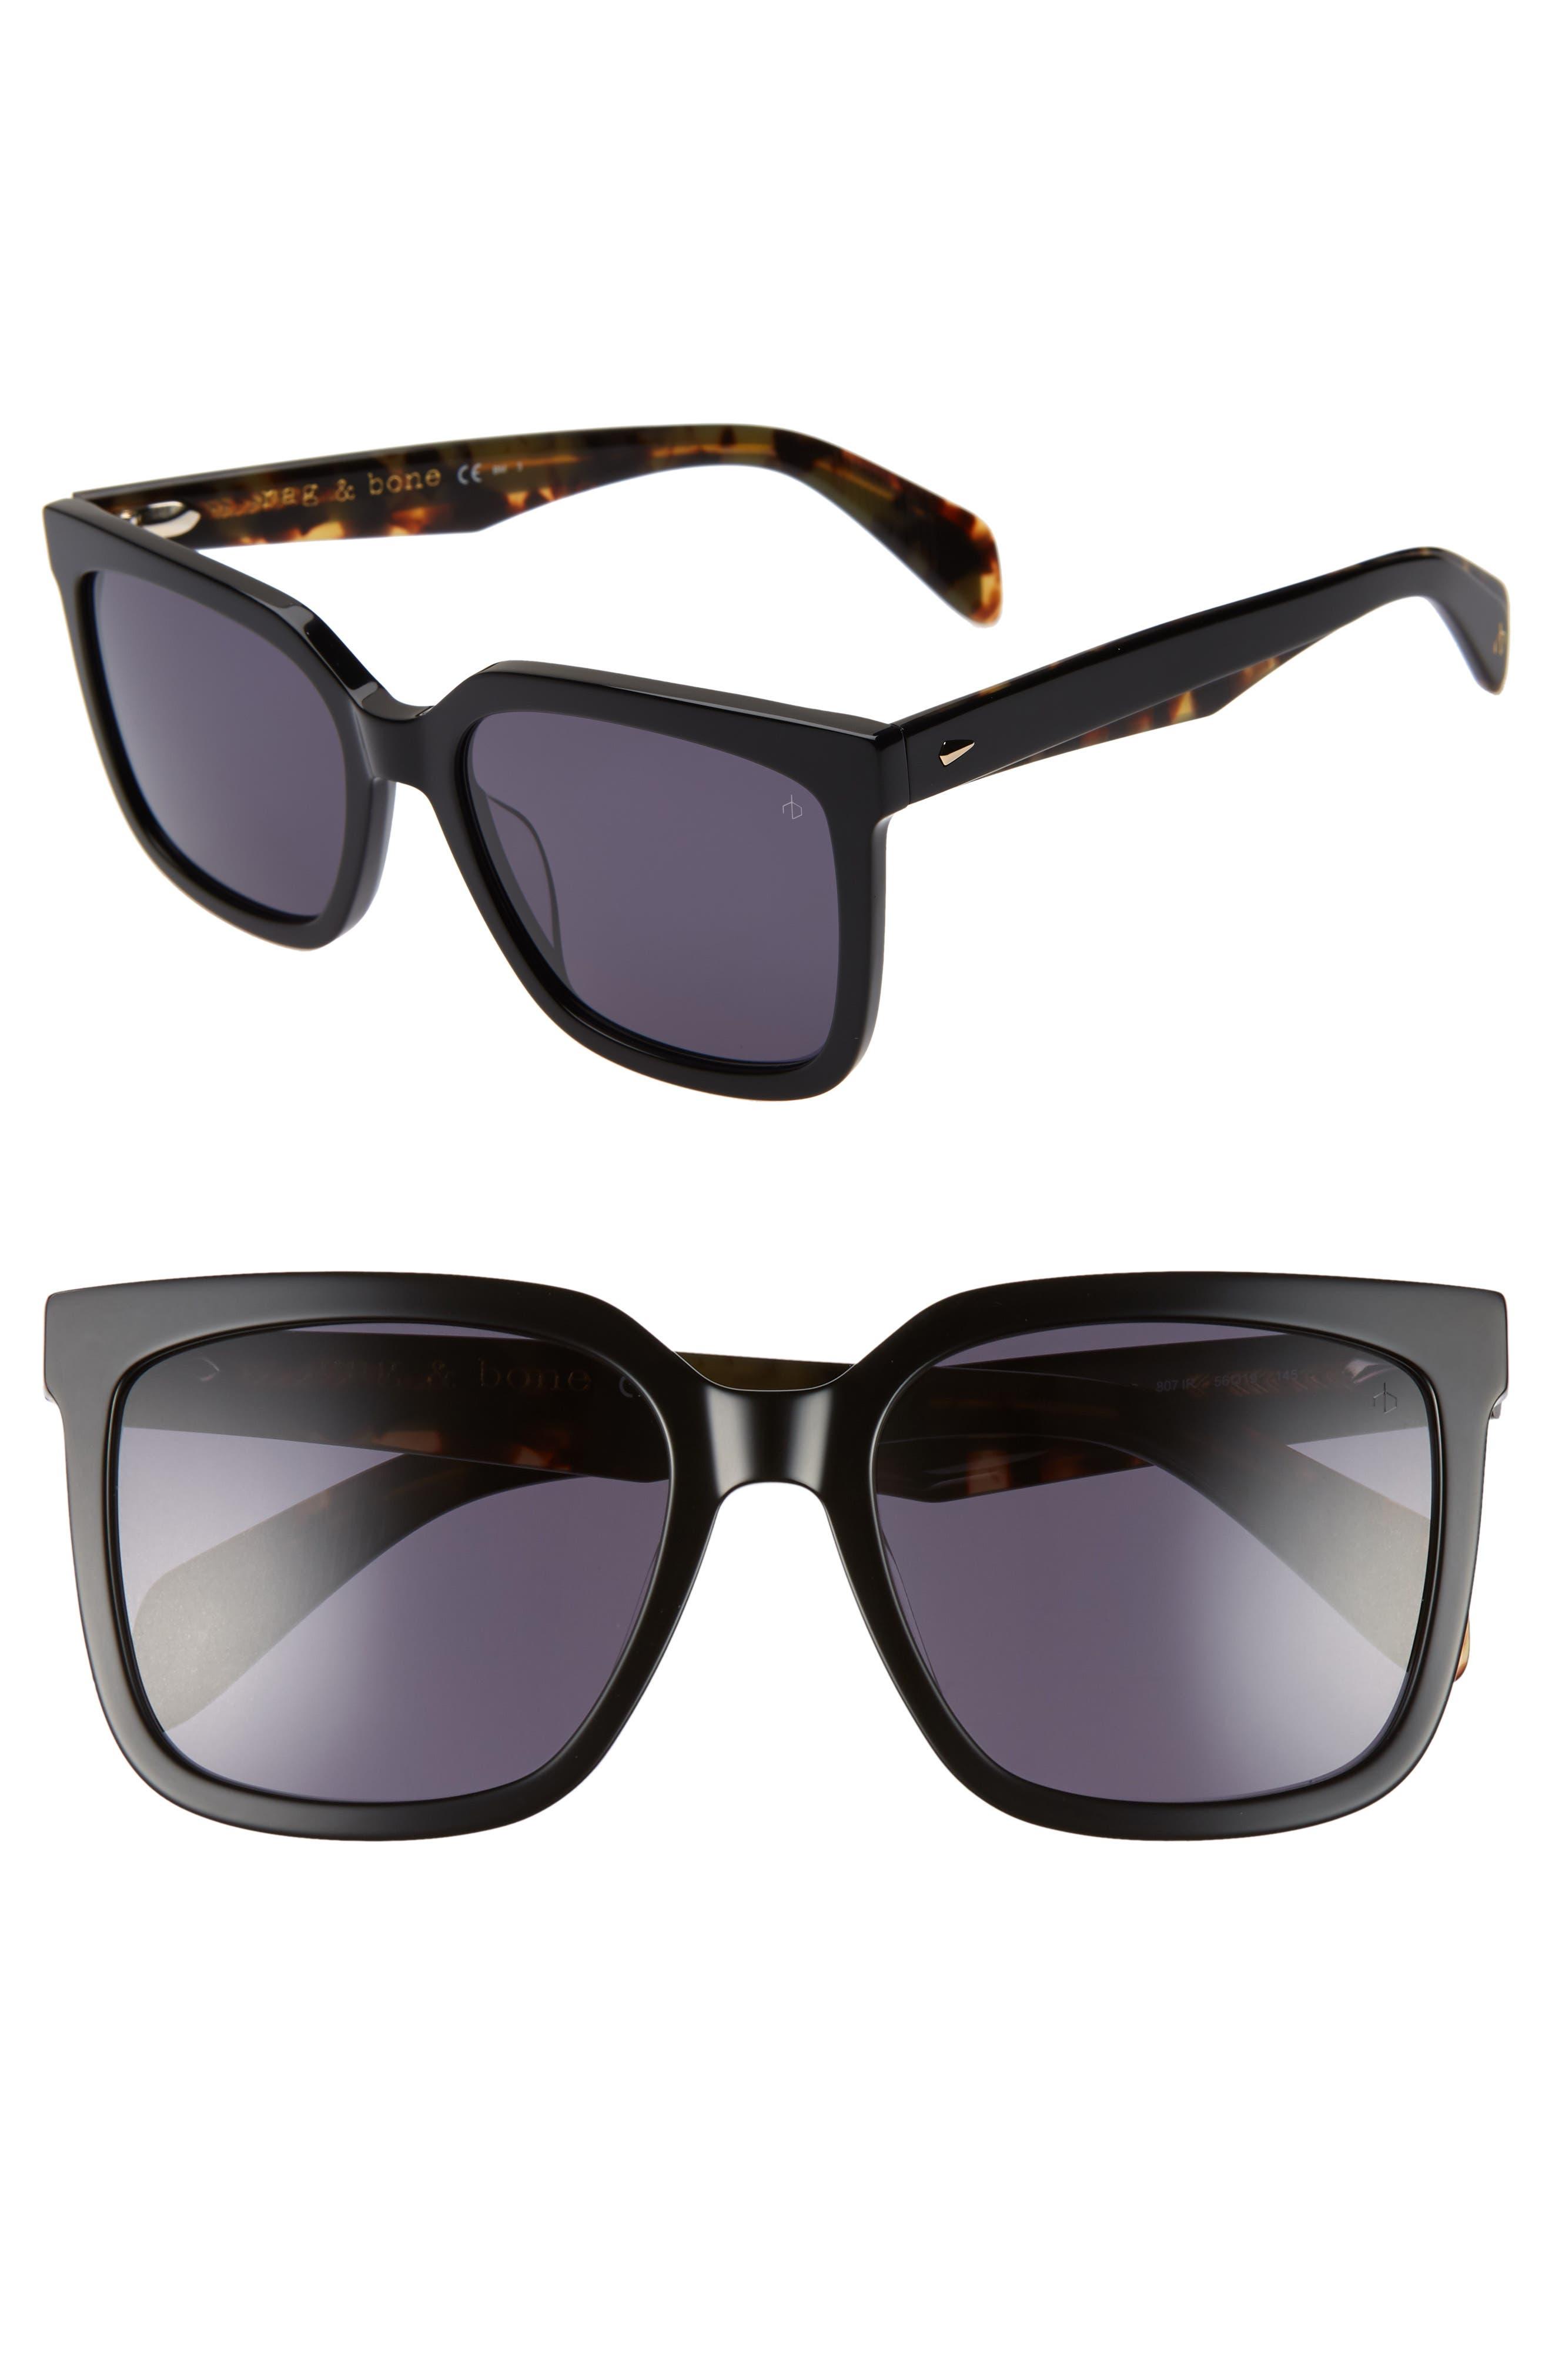 56mm Square Sunglasses,                             Main thumbnail 1, color,                             BLACK